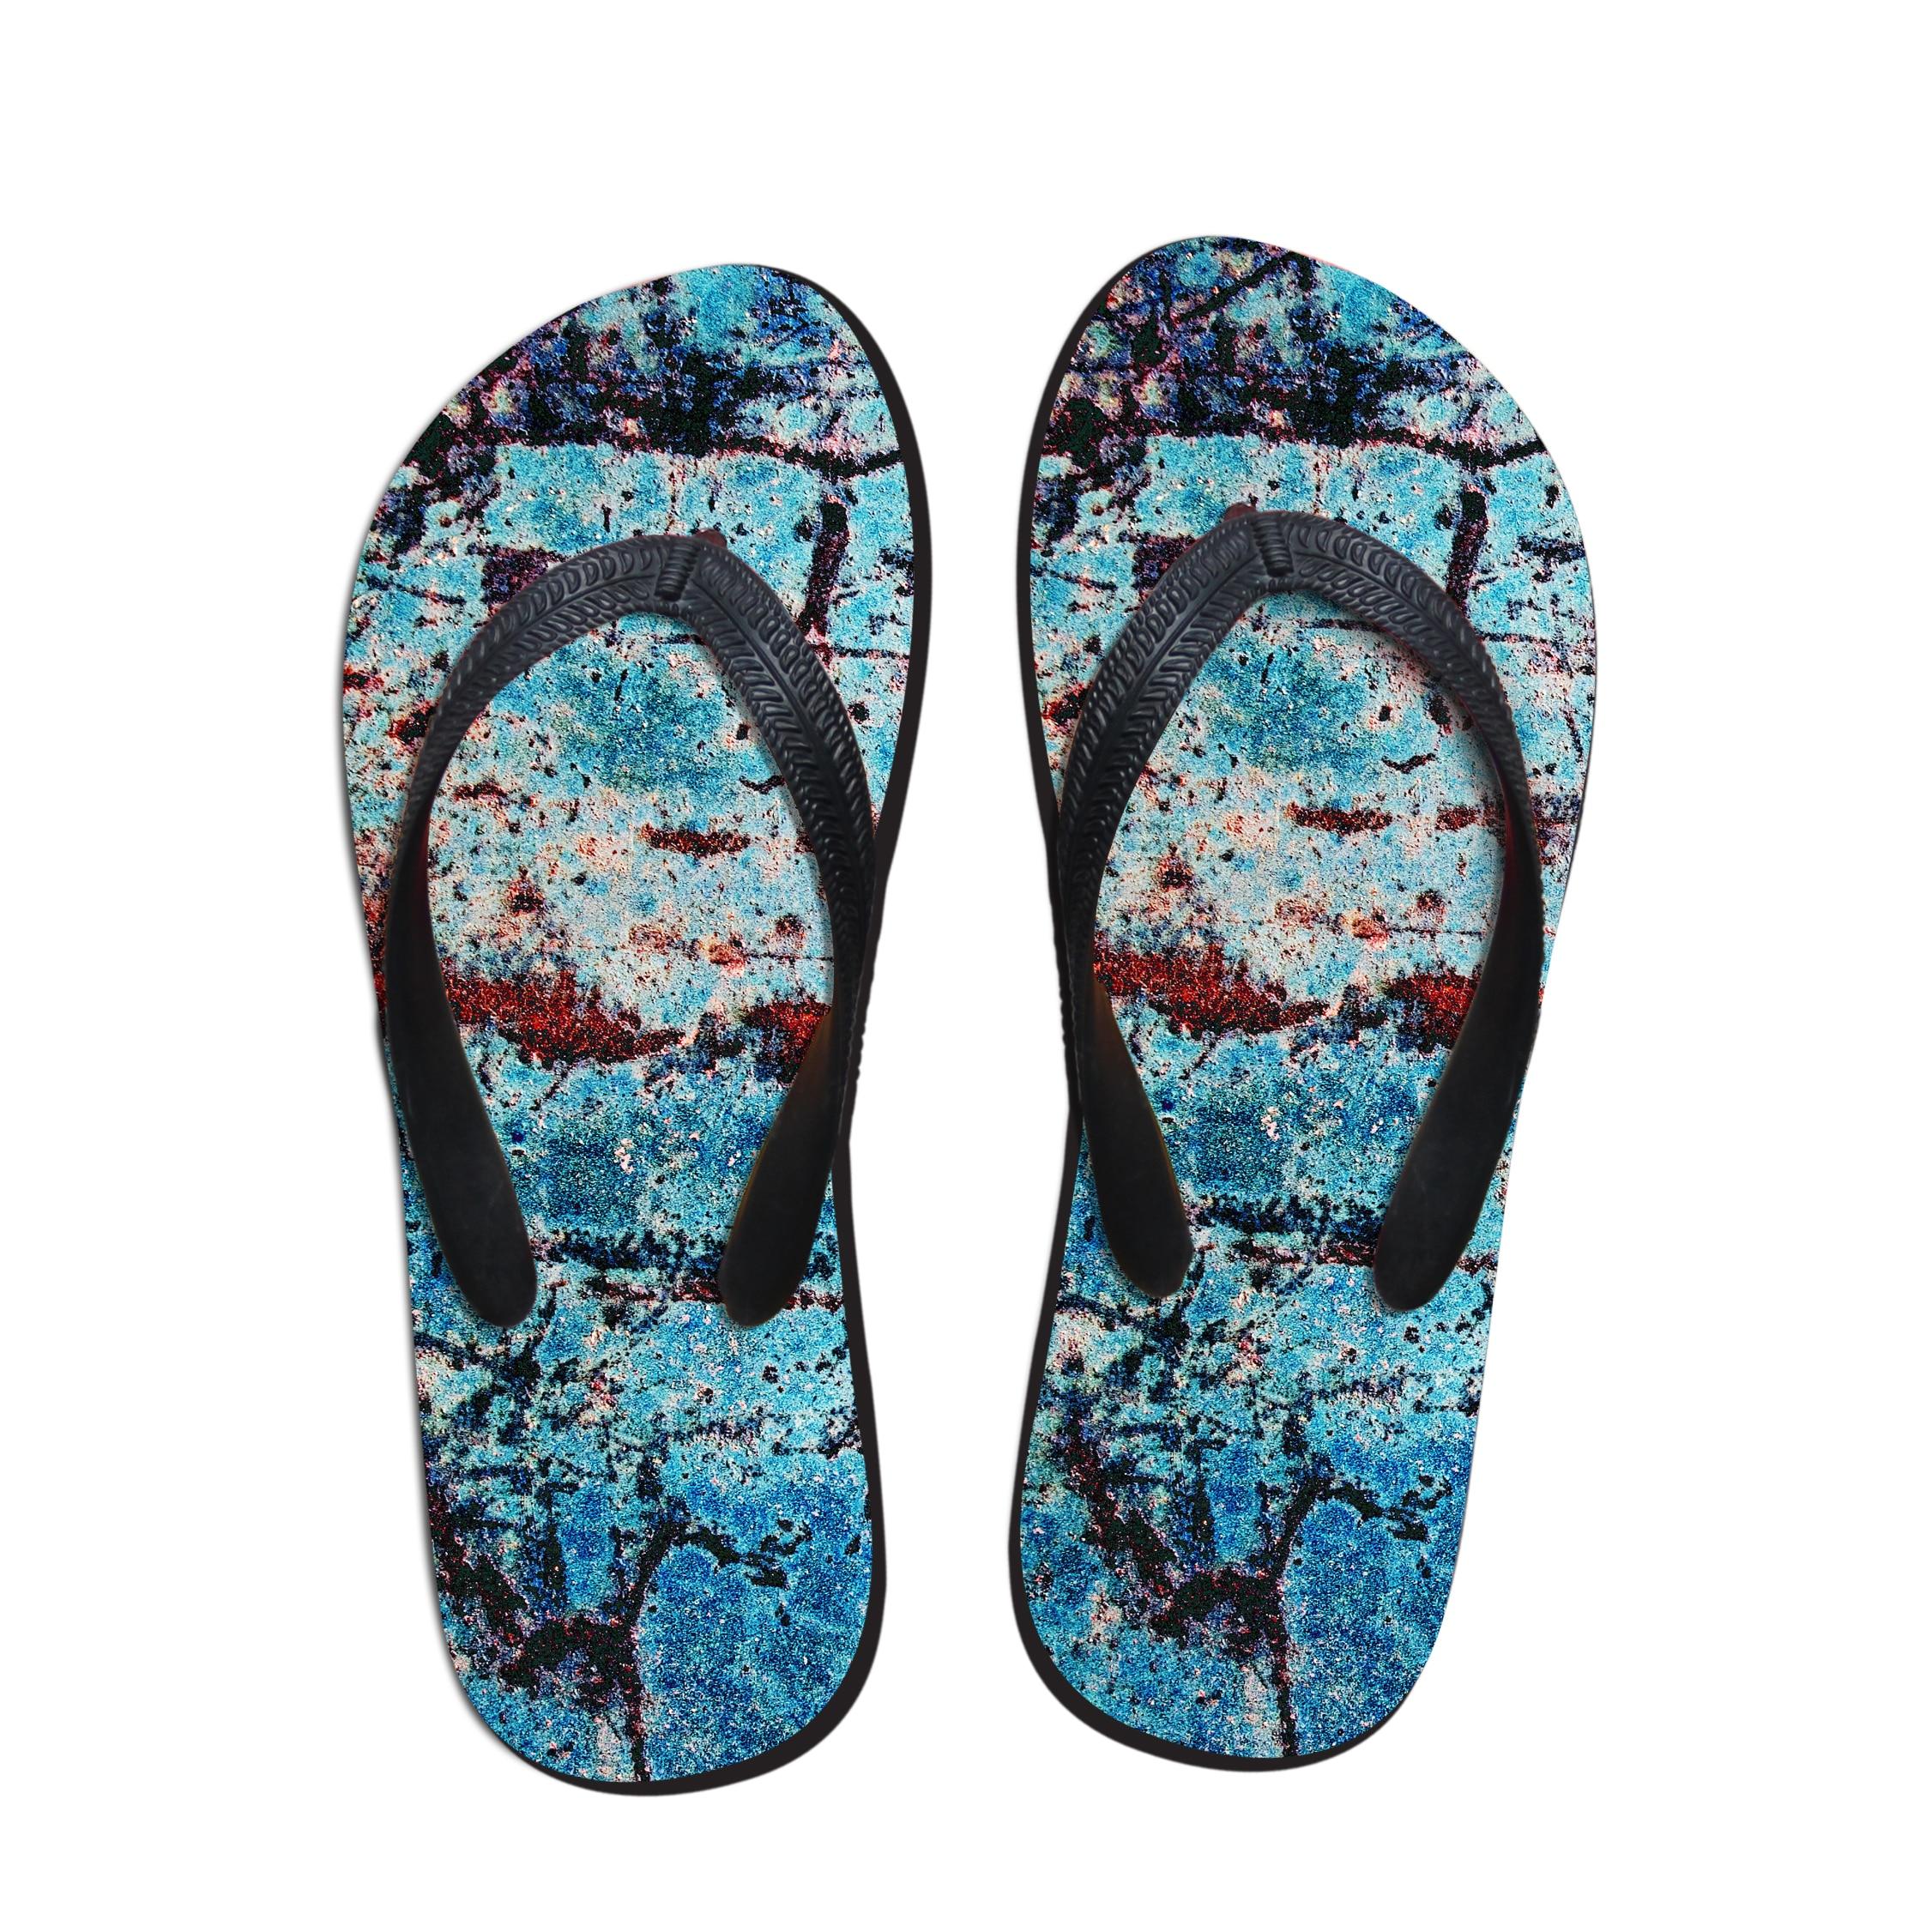 ELVISWORDS/мужские тапочки с принтом; мужские вьетнамки в винтажном стиле; парные туфли для подростков; модные шлепанцы без застежки; домашняя обувь - Цвет: C1015AB